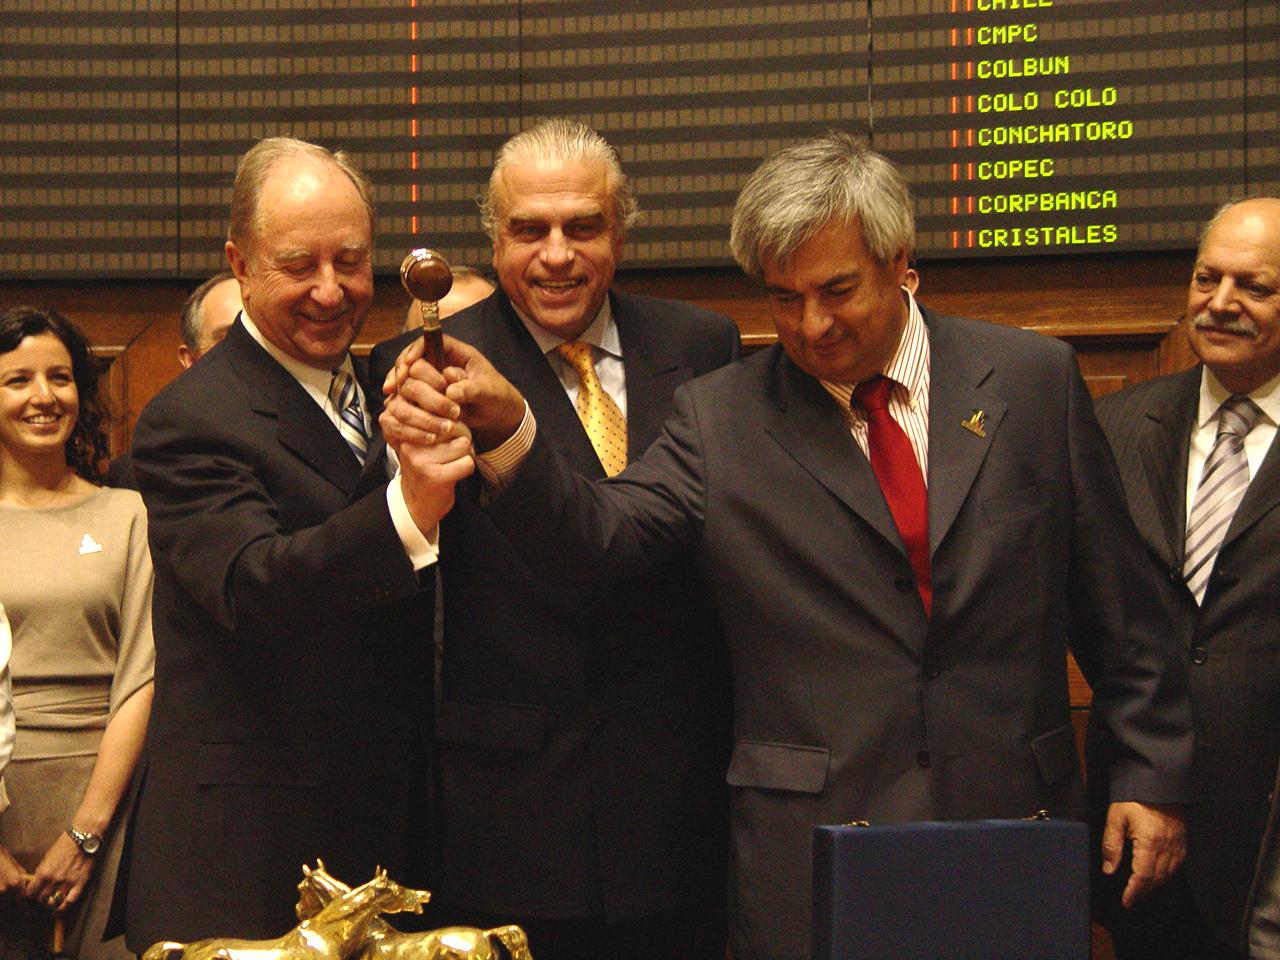 Imagen de 2007